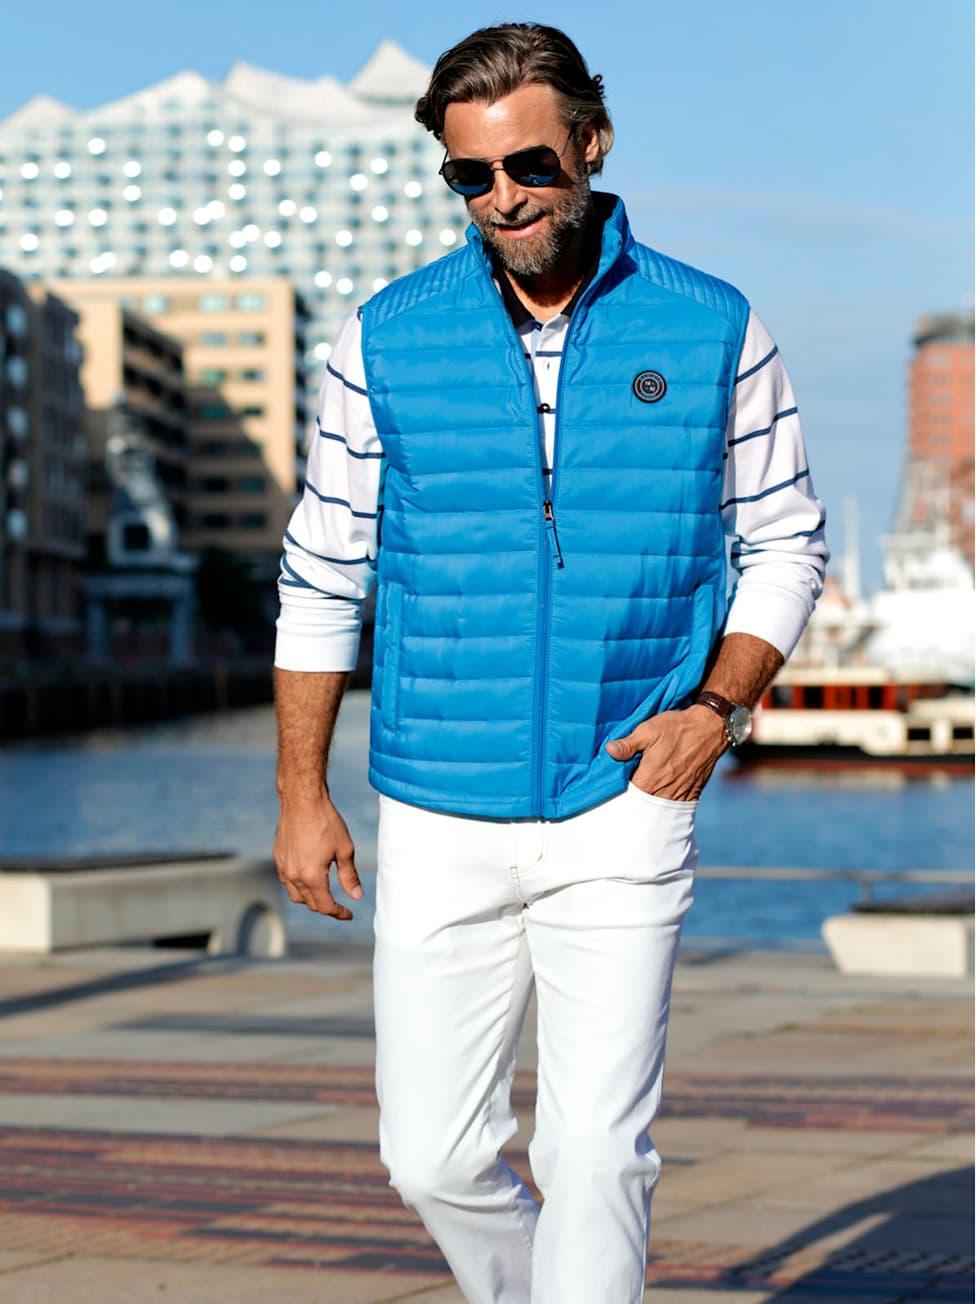 Casual-Outfit: Steppweste in Türkis, weiß-blaues Sweatshirt und weiße Hose